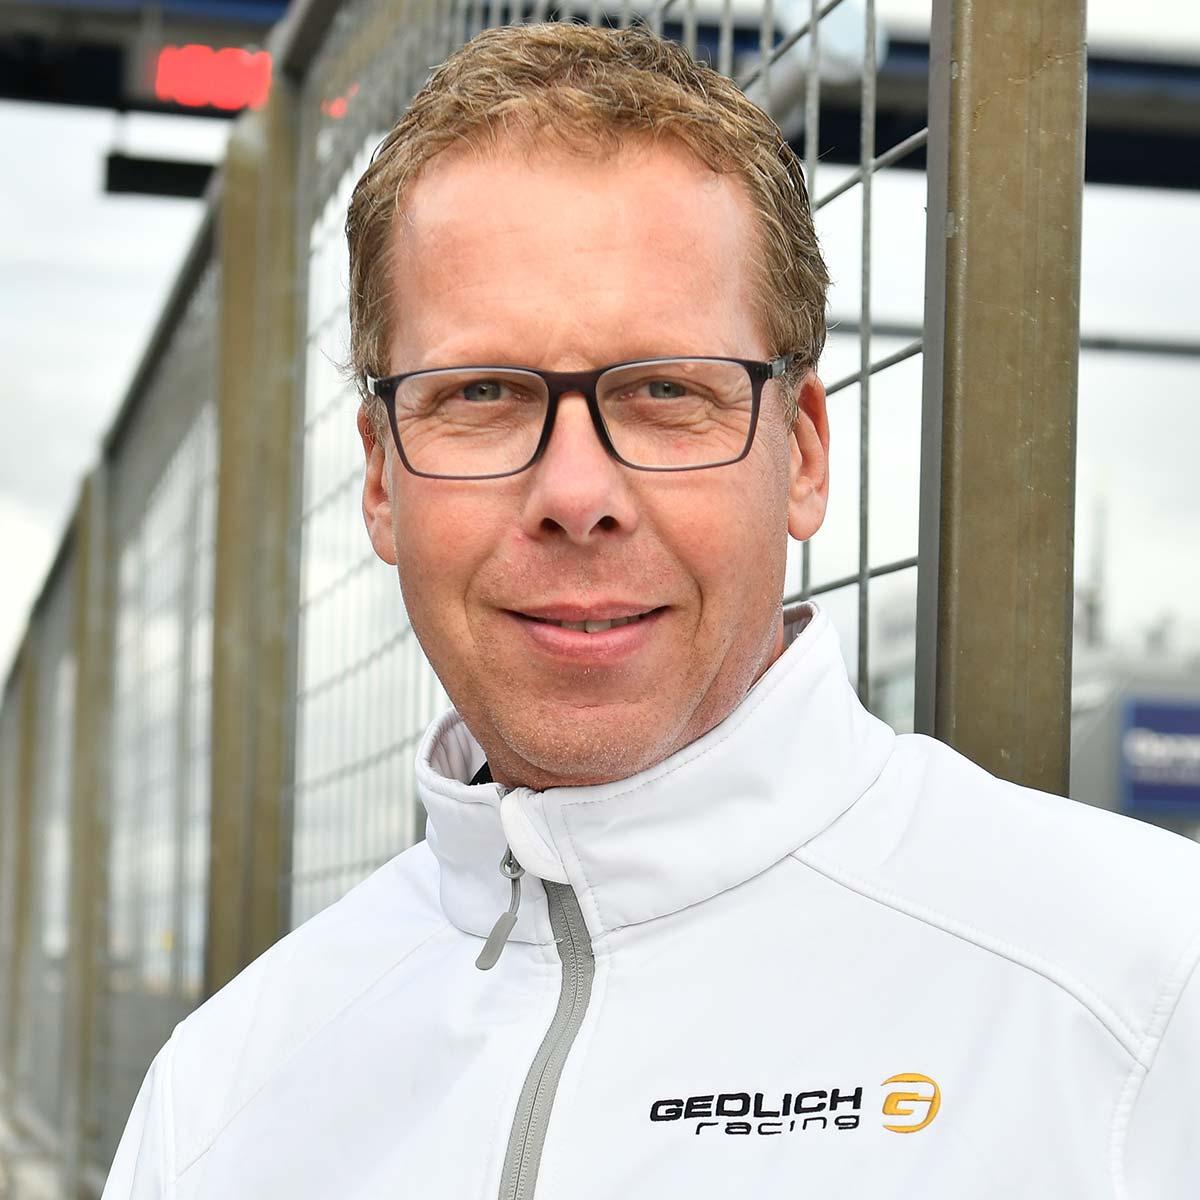 GEDLICH Racing - Markus Gedlich, Geschäftsführer